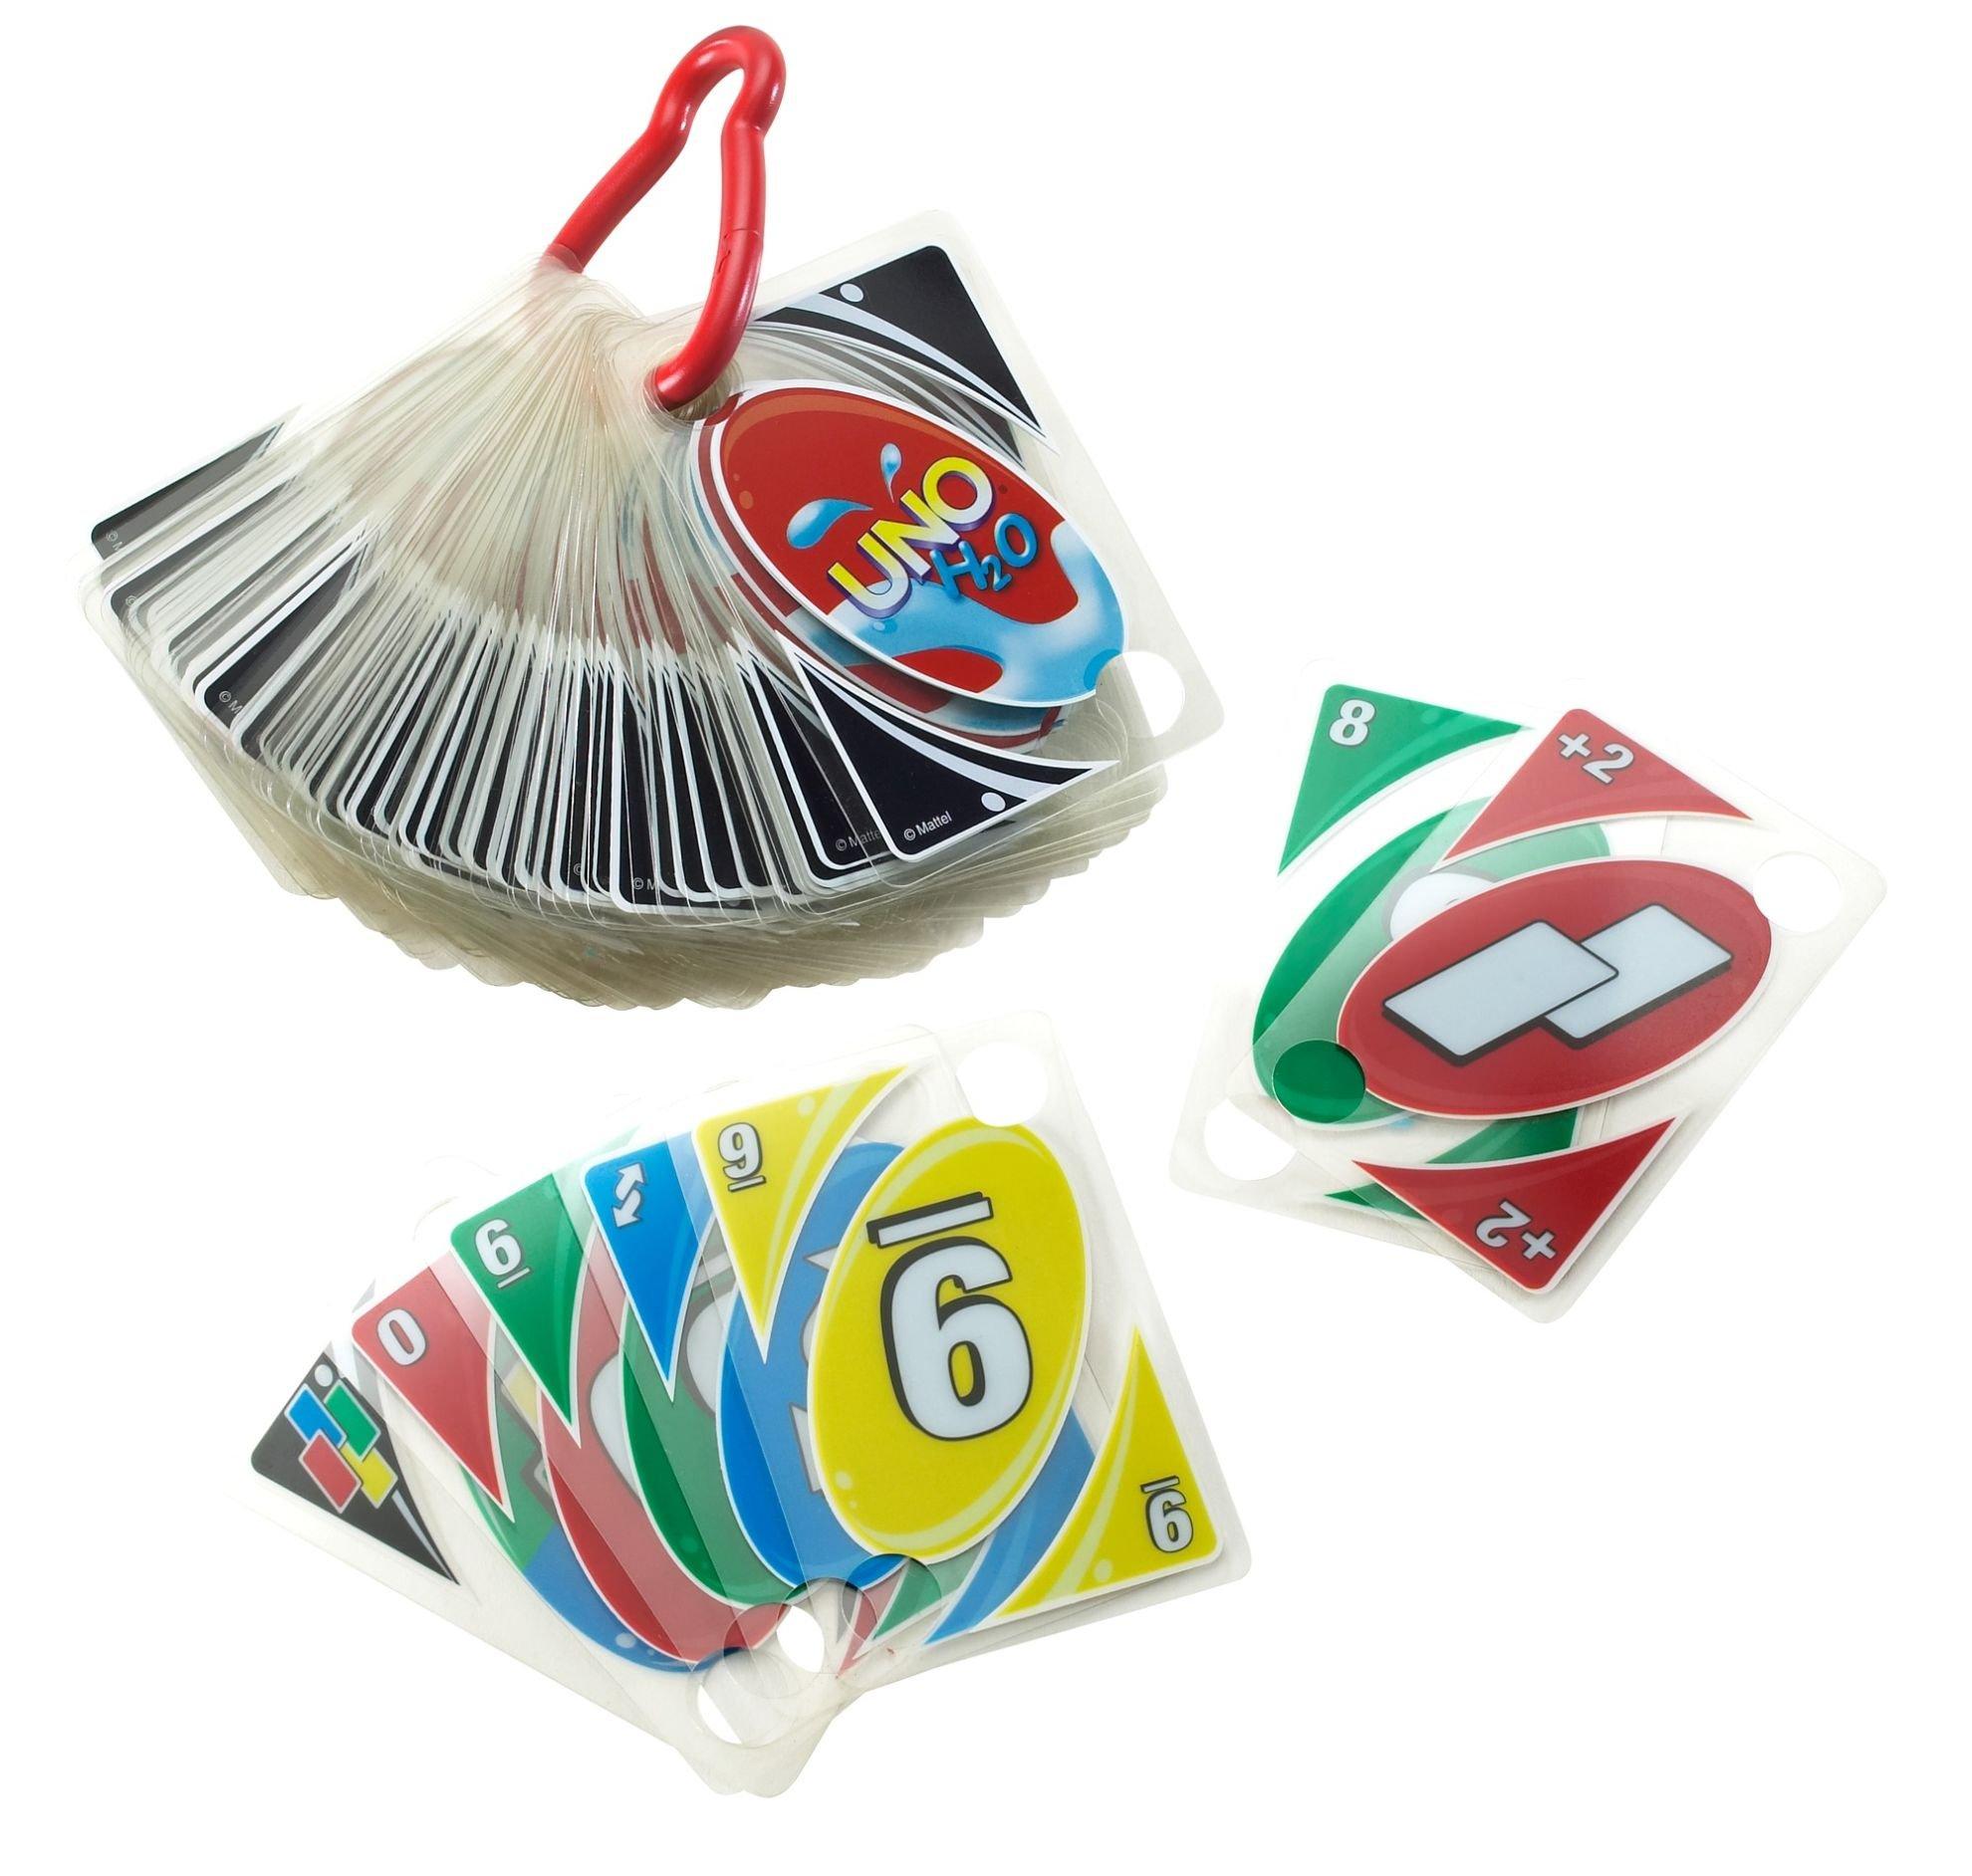 Comprar Mattel-UNO H2O To Go H20 Juego de cartas, Multicolor, 7+ (P1703)